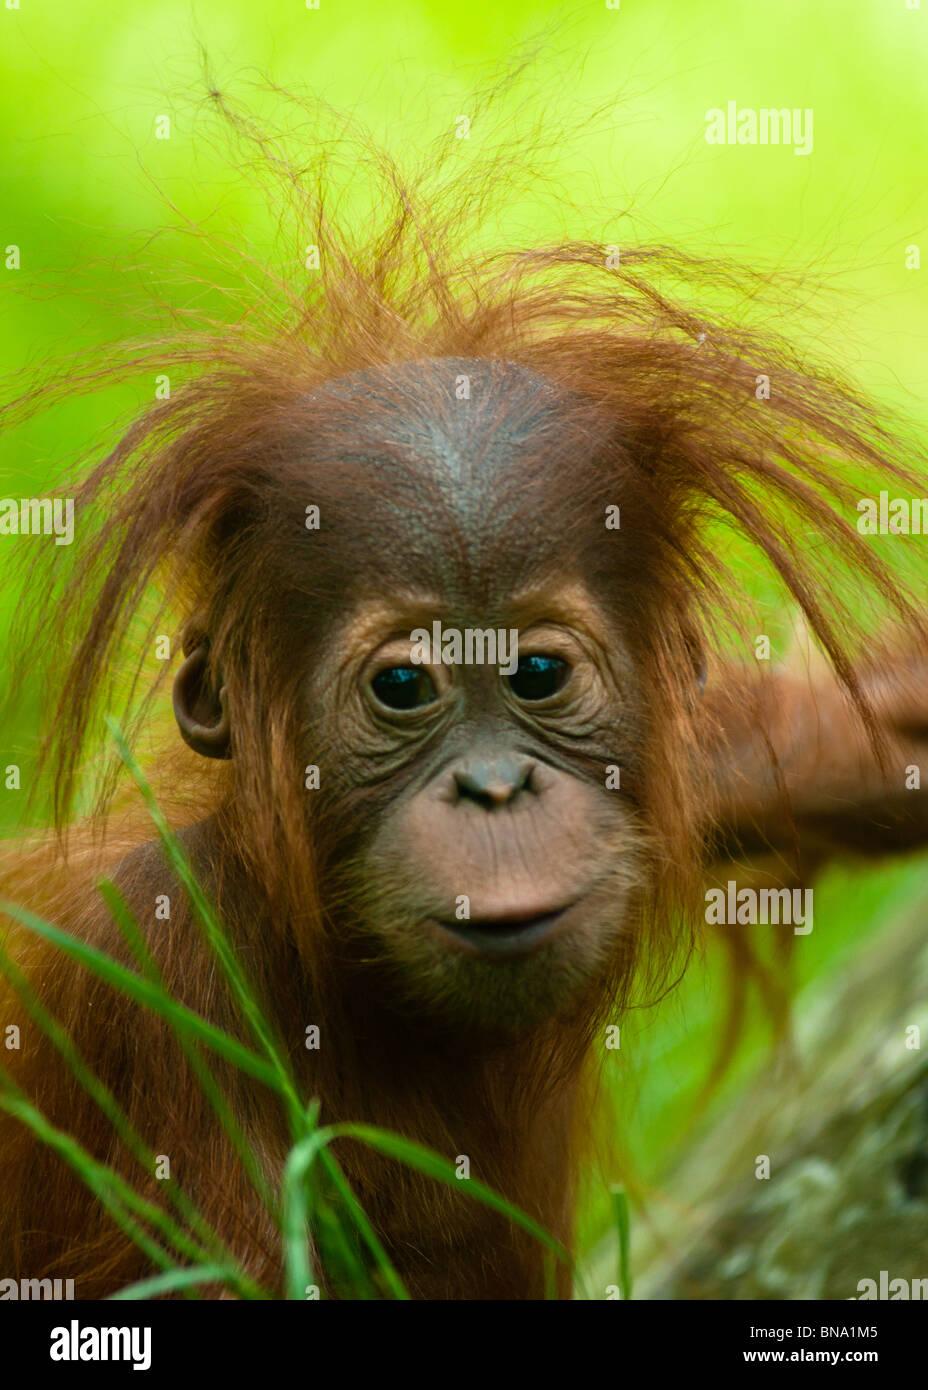 Bebé orangután (Pongo pygmaeus) de cerca. Foto de stock